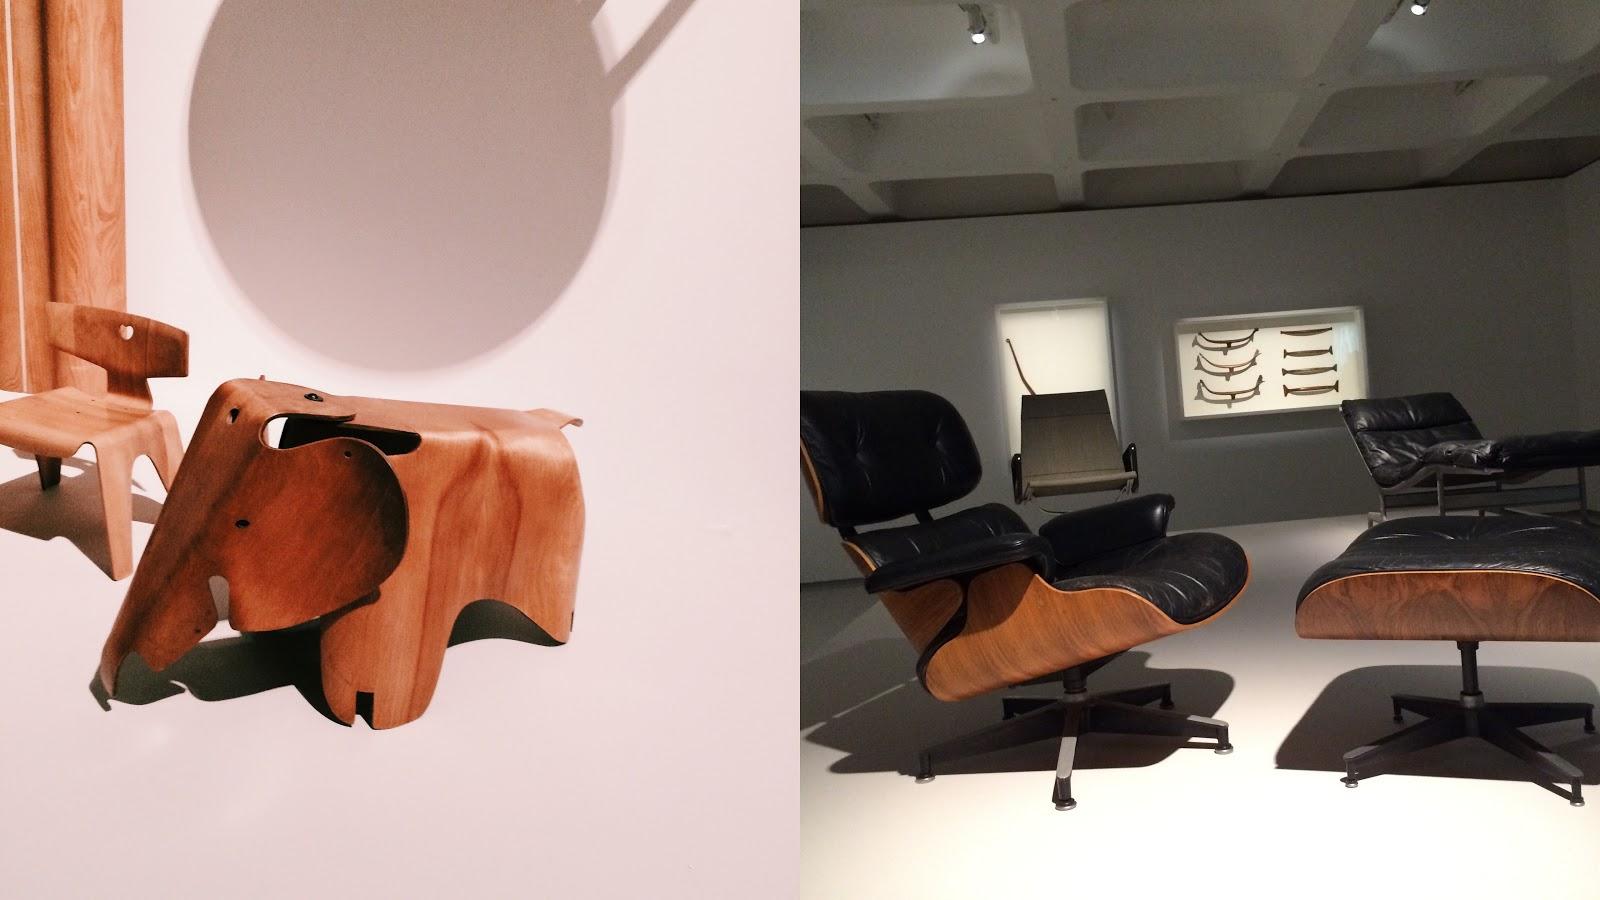 Barbican Charles & Ray Eames